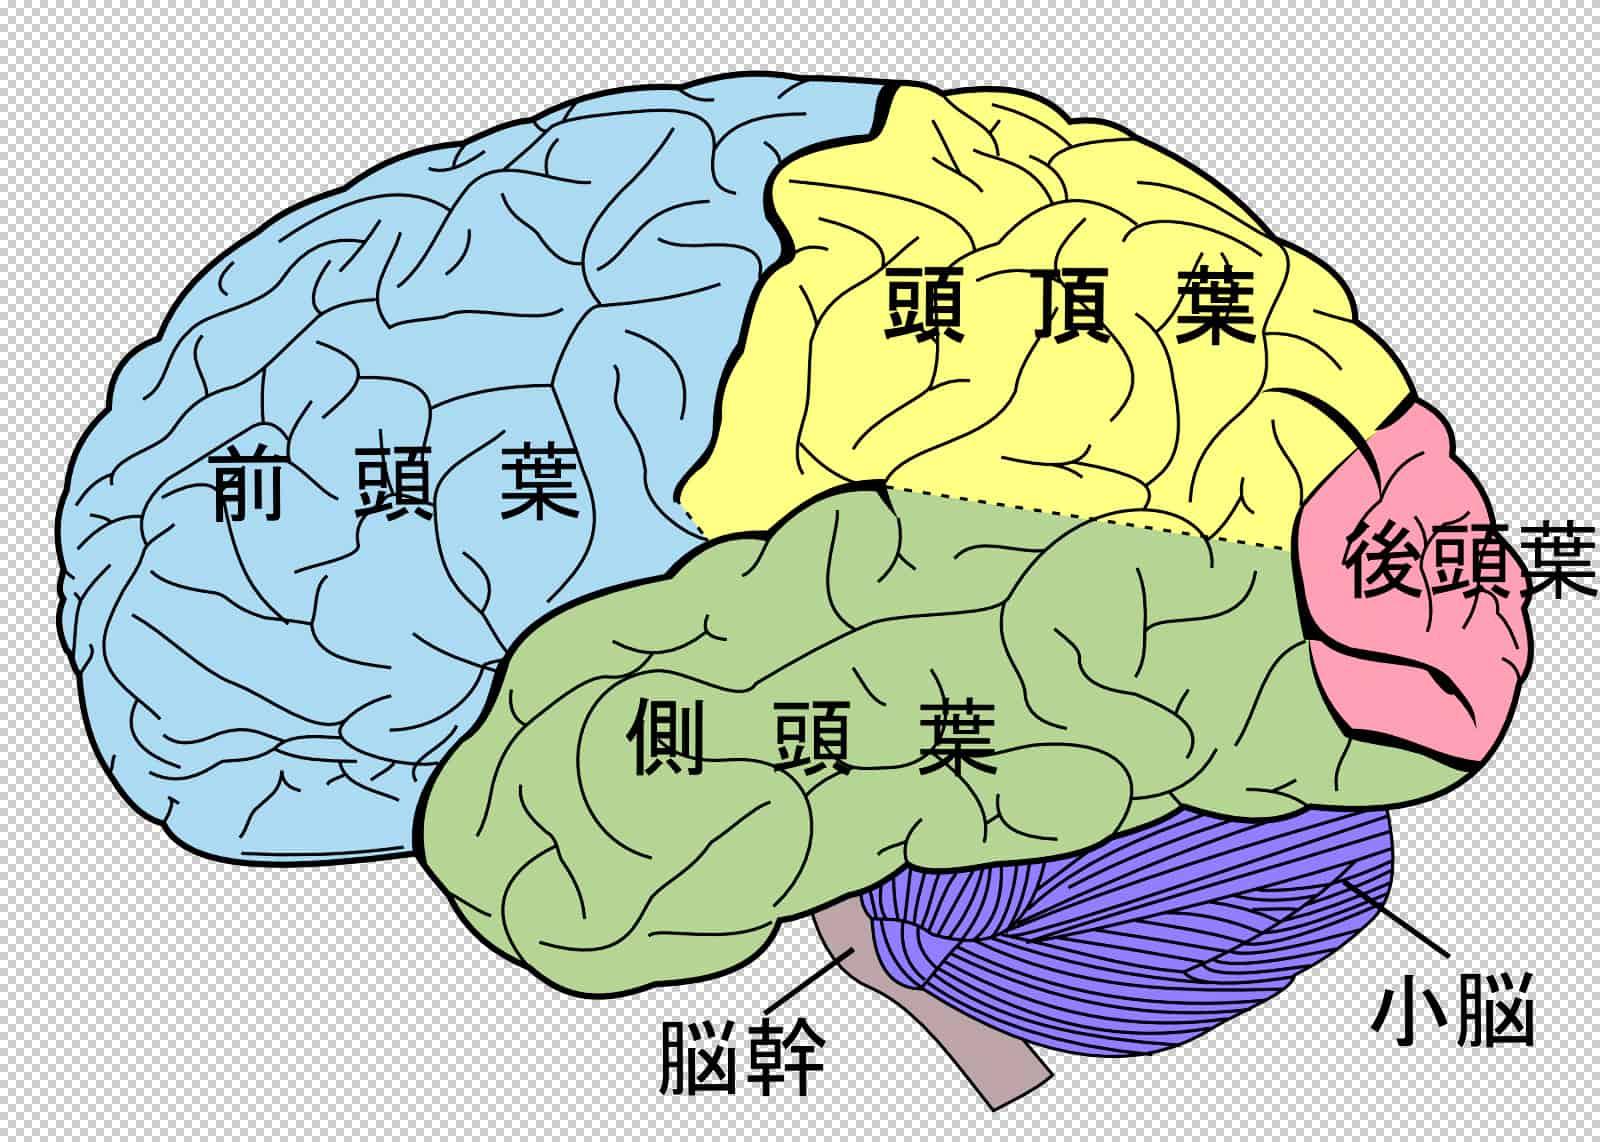 Único Diagramas De Cerebro Patrón - Imágenes de Anatomía Humana ...